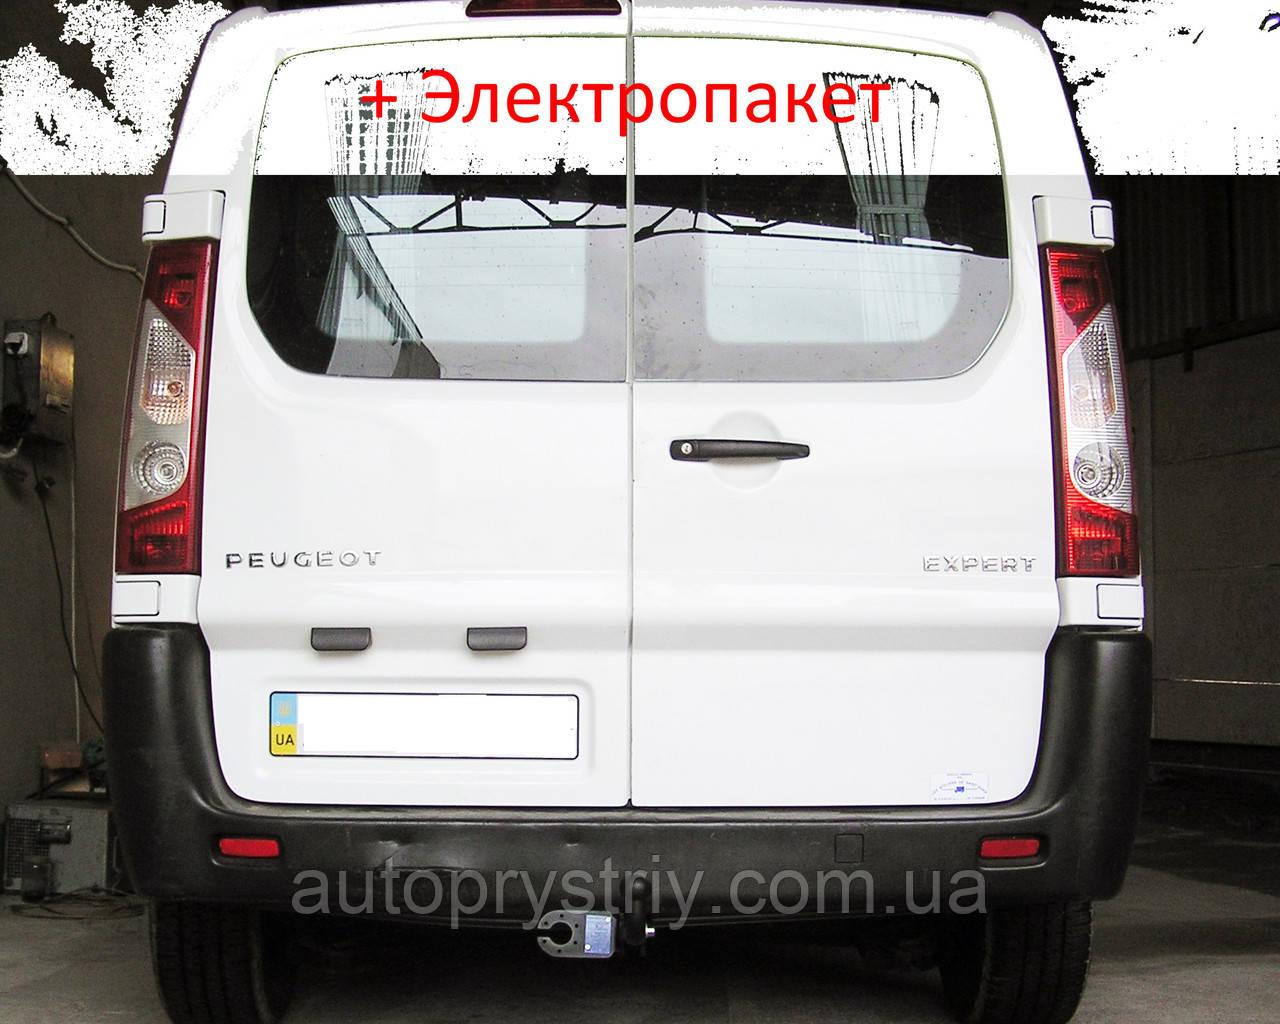 Фаркоп - Peugeot Expert Фургон (2006--)